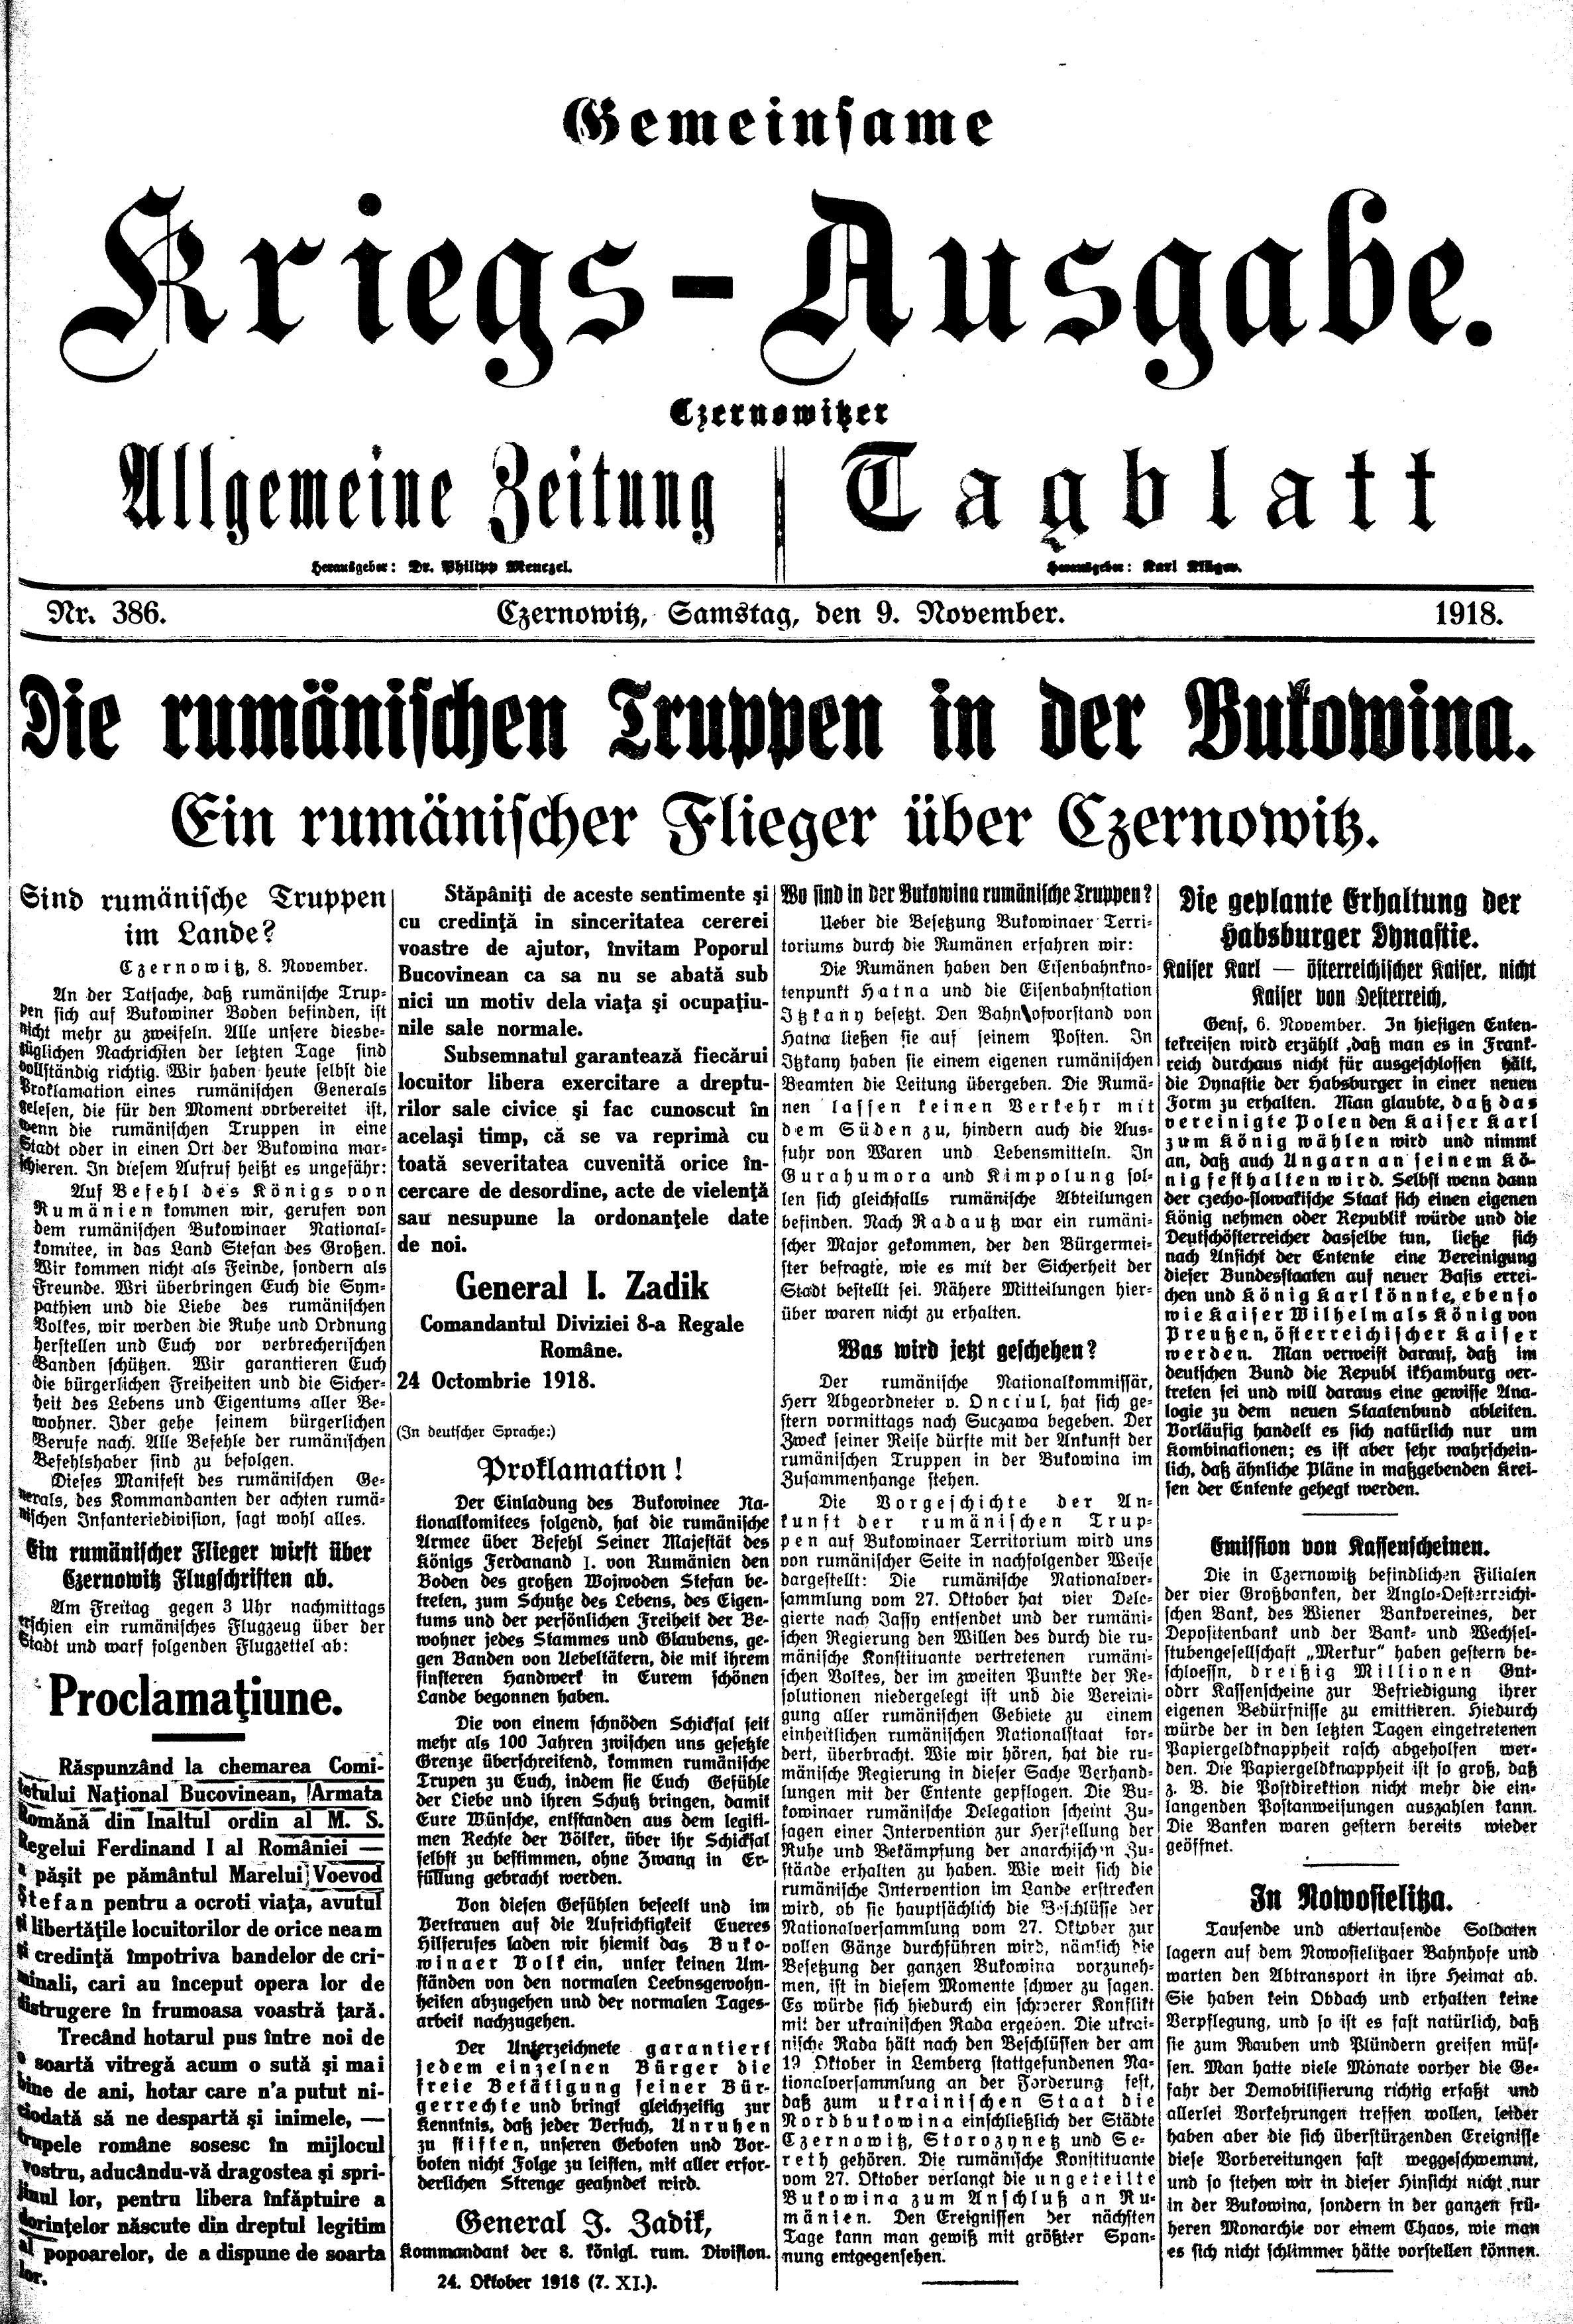 """Ziarul """"Czernowitzer Allgemeine Zeitung"""", nr. 387, din 10 noiembrie 1918, cu """"Proclamaţiunea"""" bilingvă a generalului Iacob Zadik"""